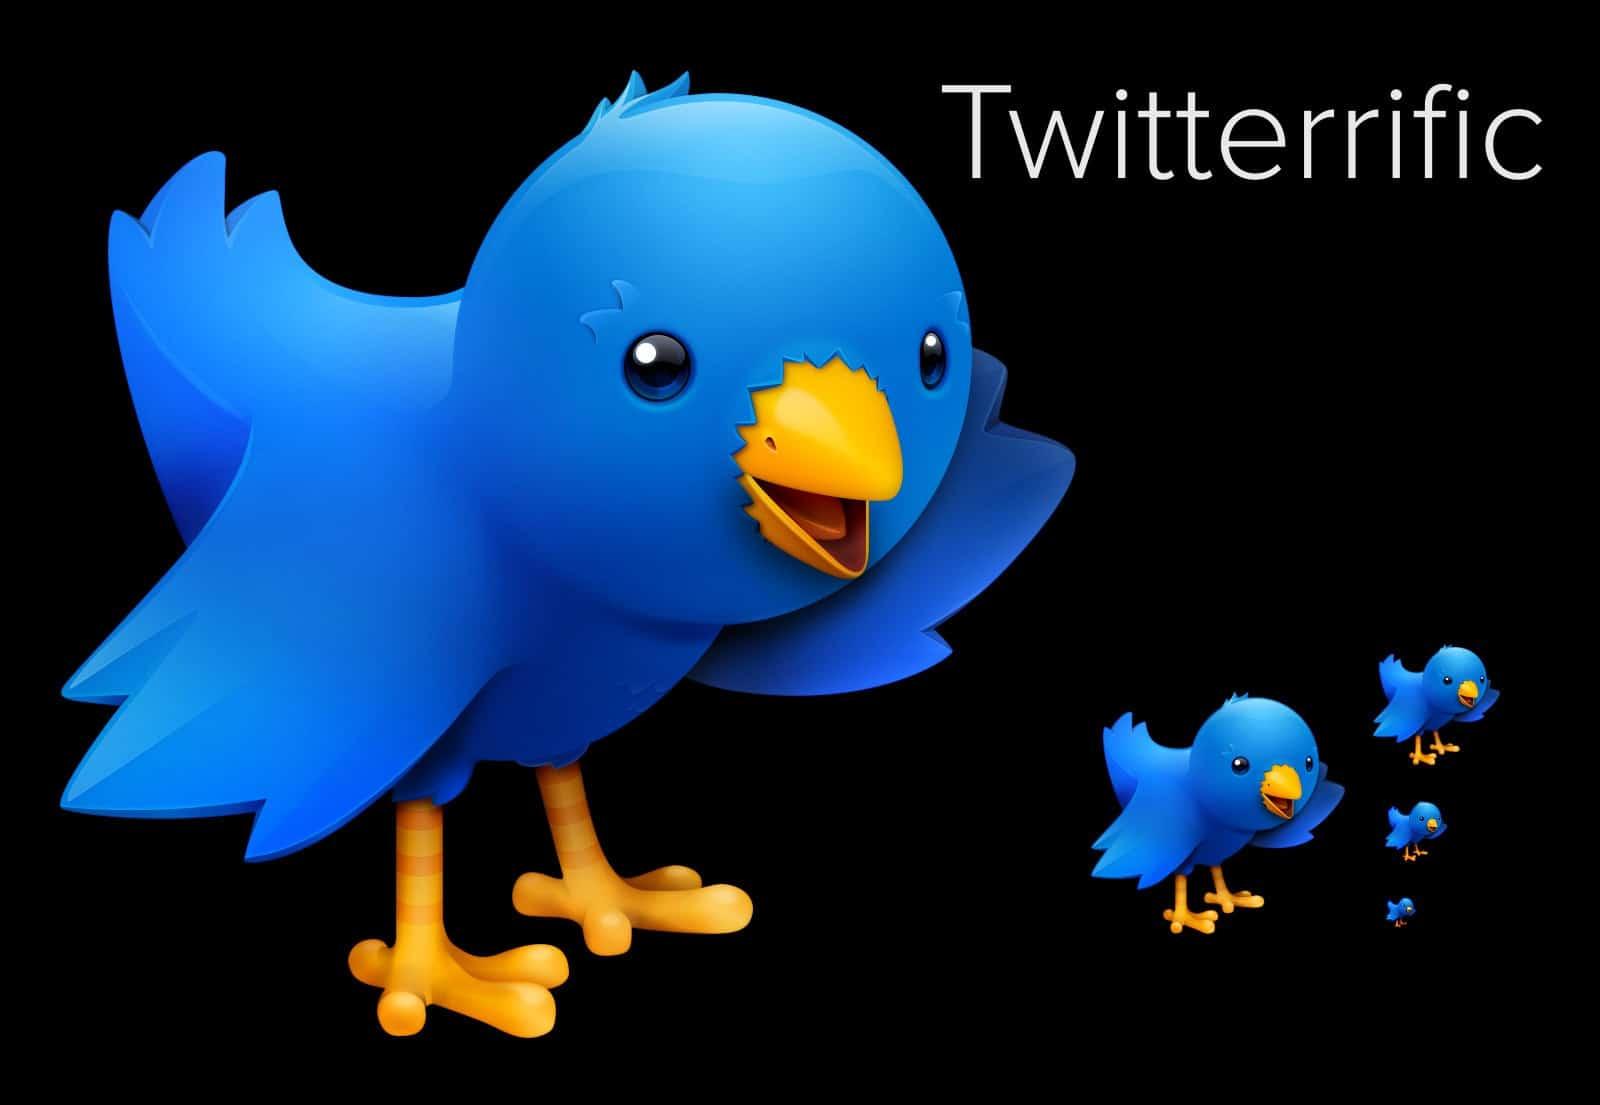 Blås nytt liv i Twitterific